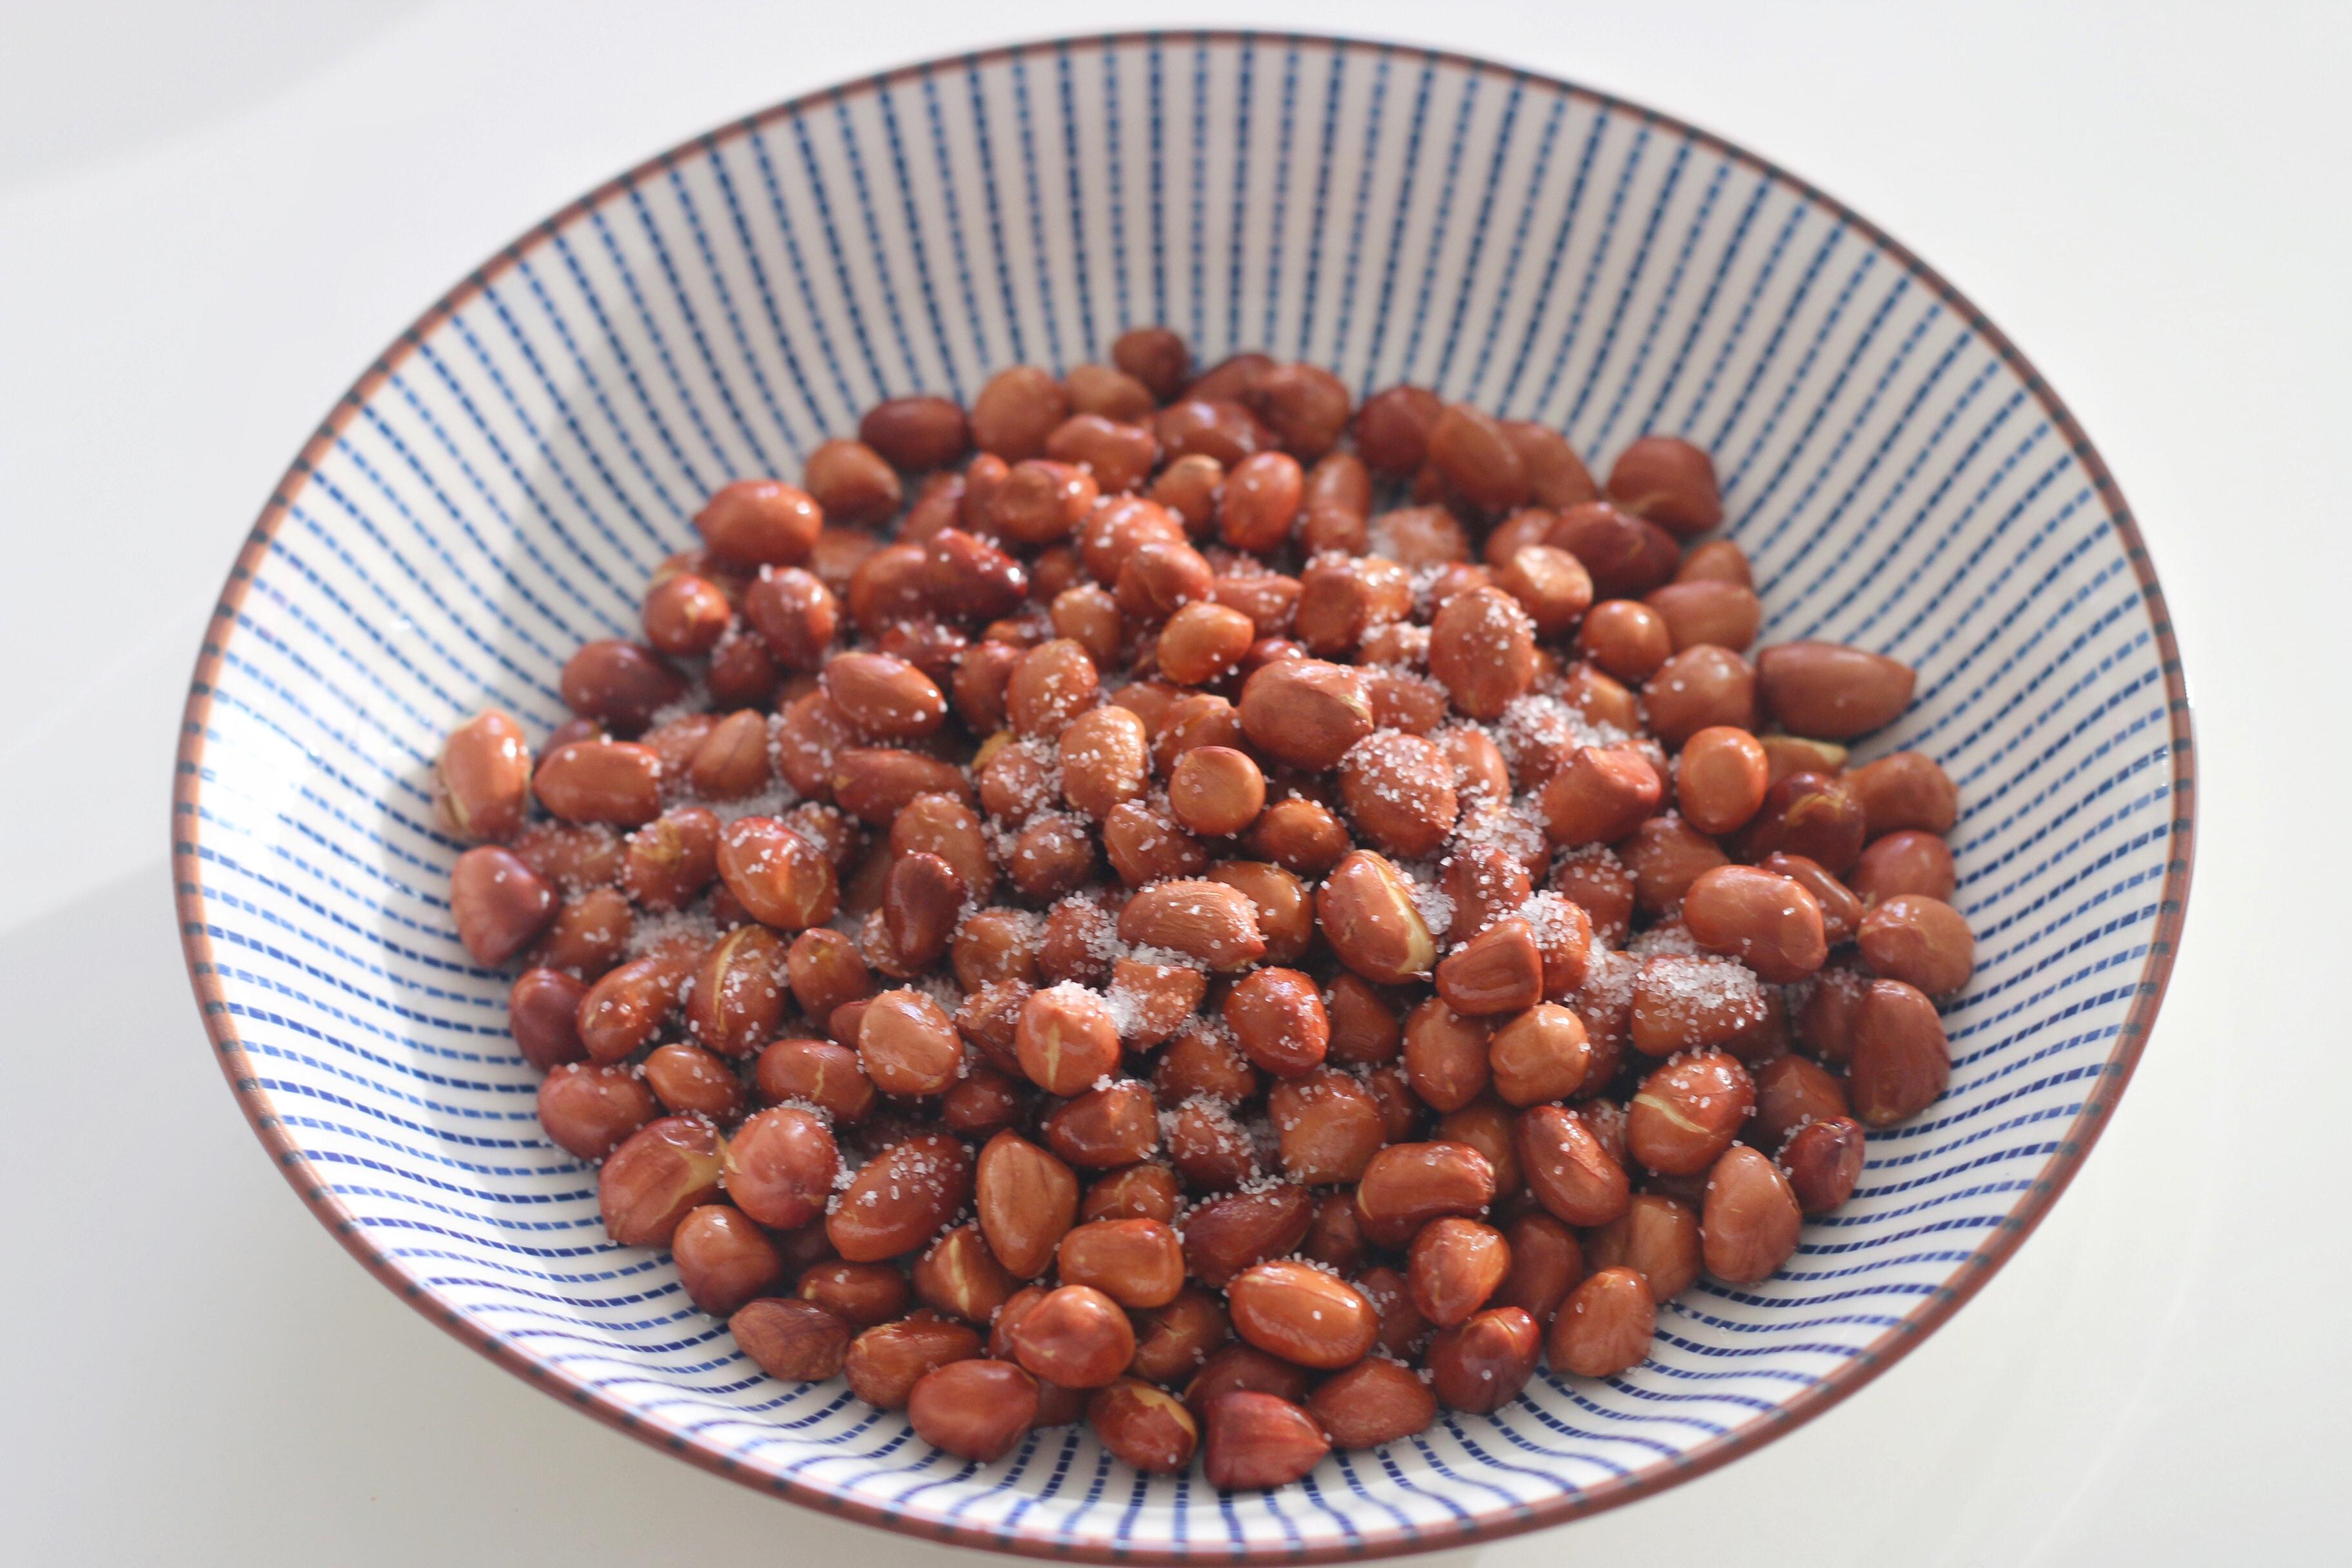 不用明火的油炸花生米,不用守锅,一点点油就能做,粒粒香脆